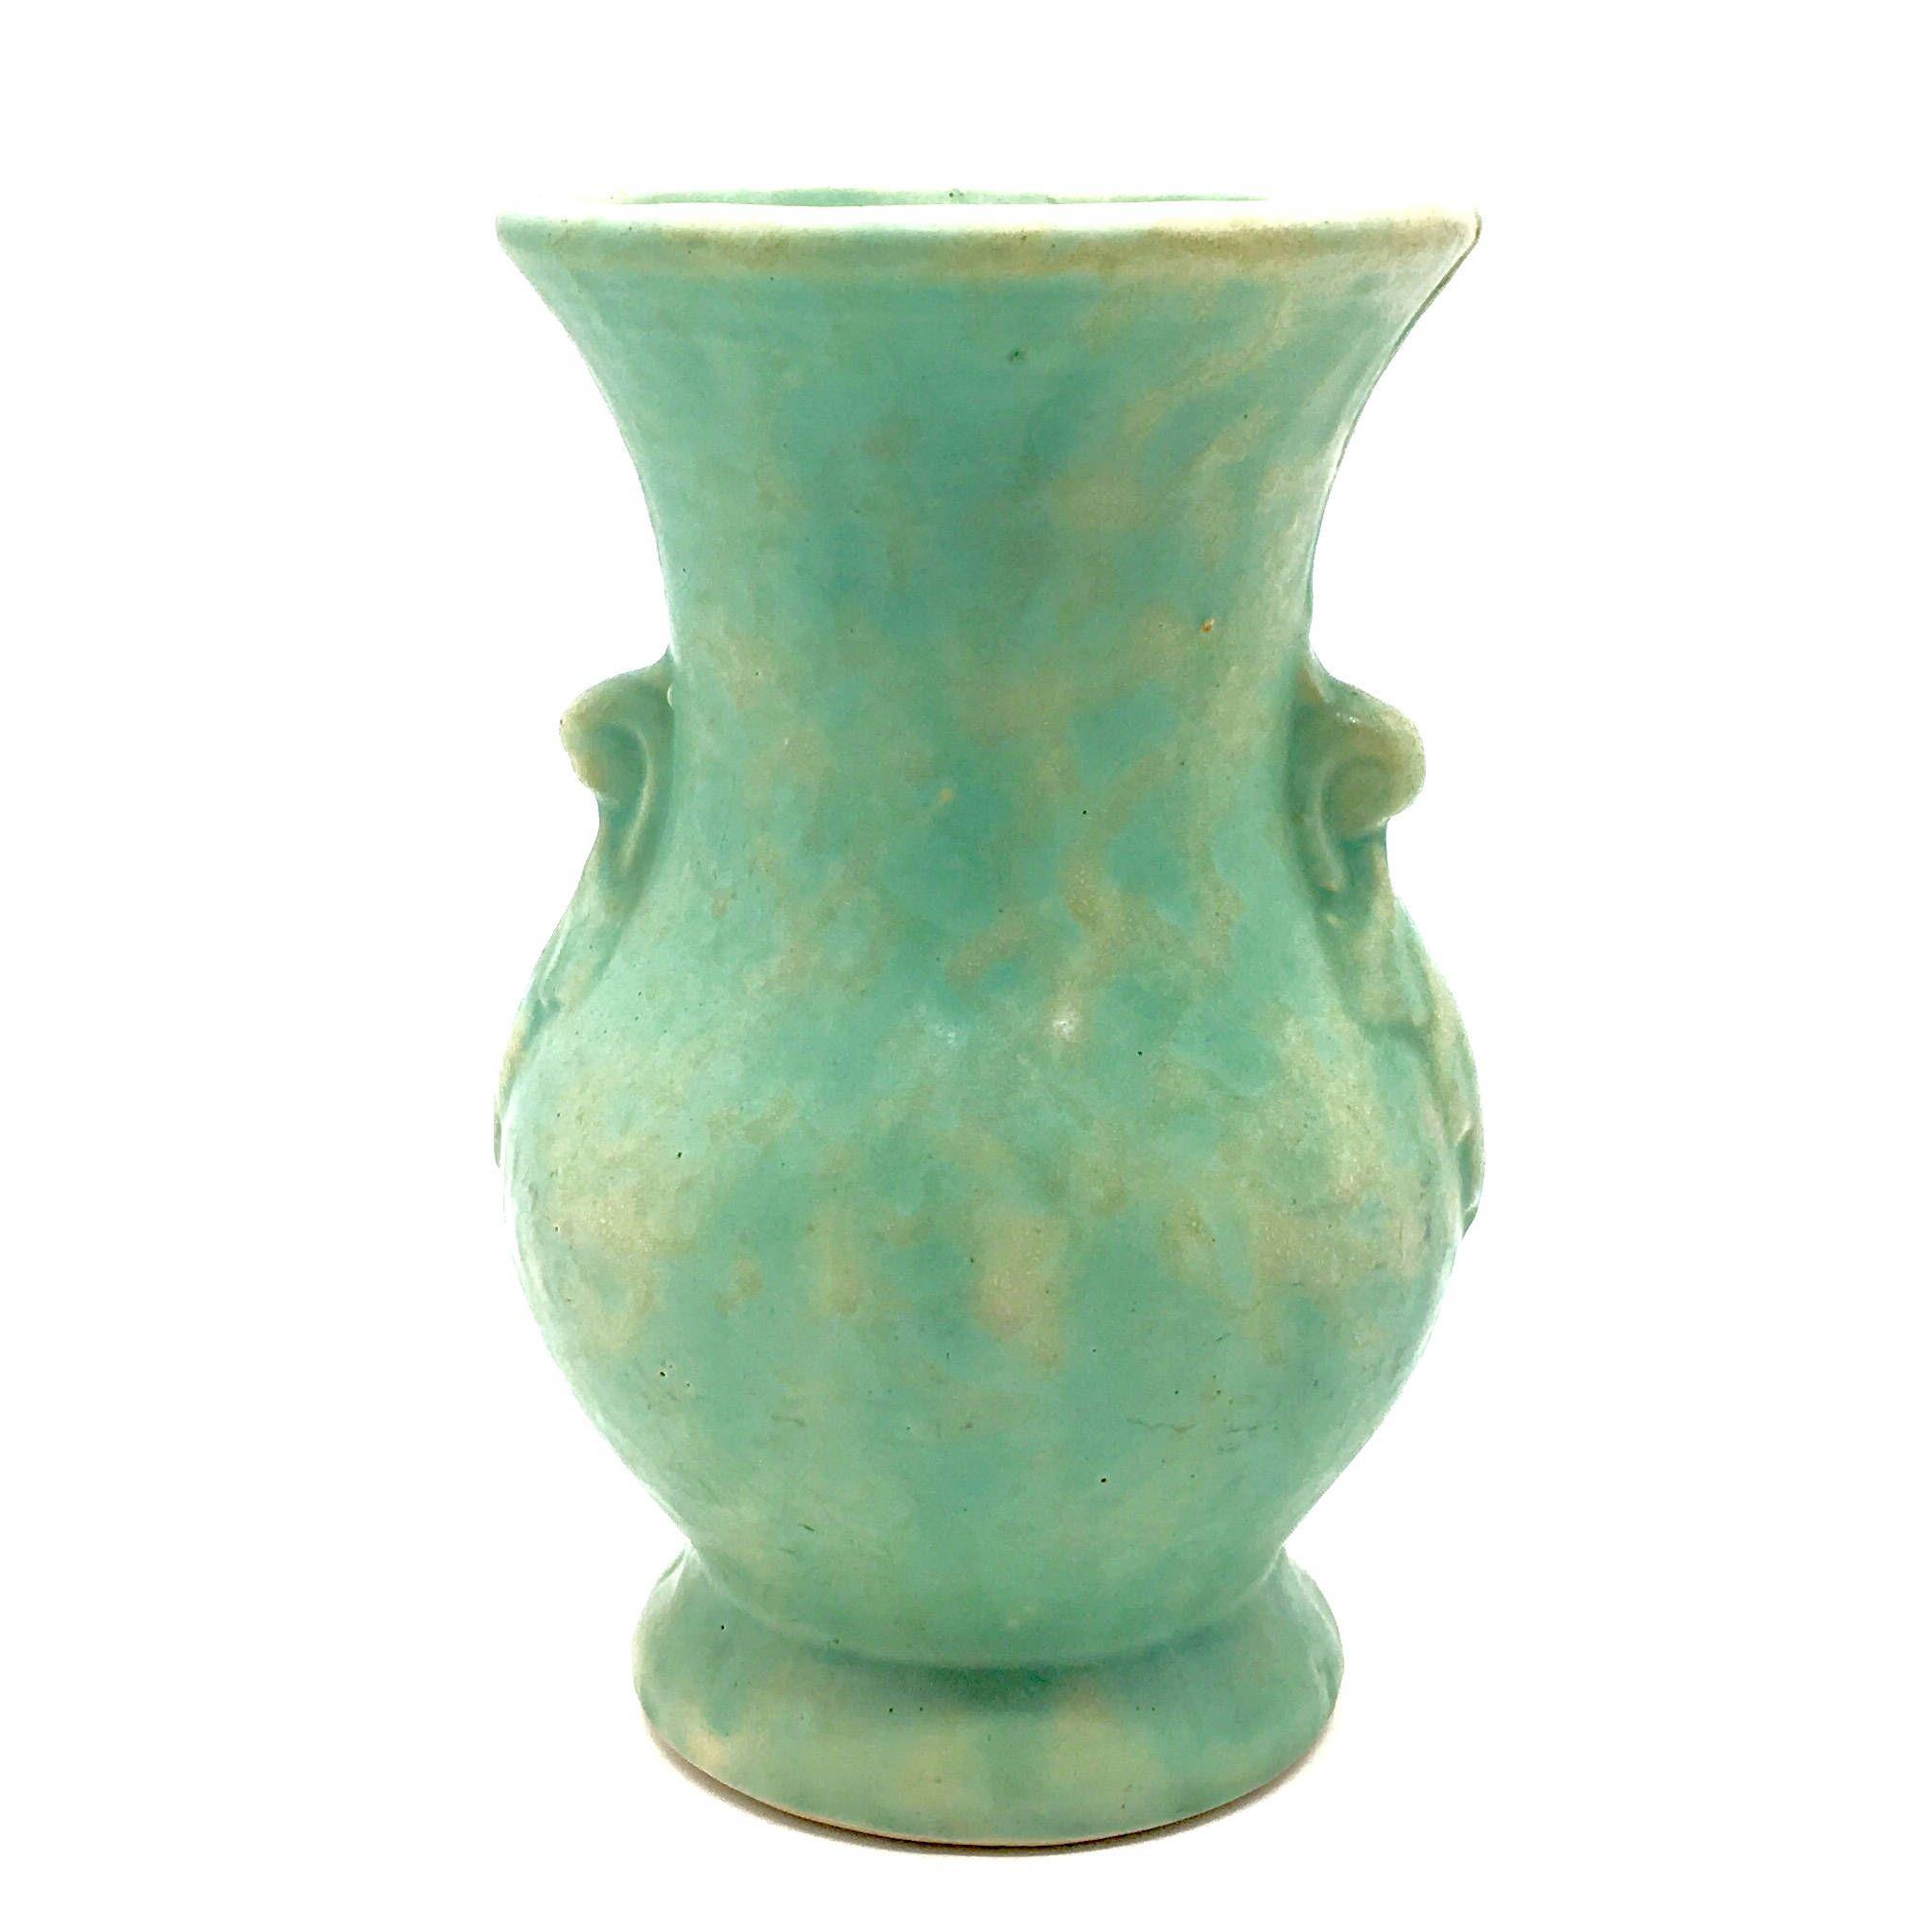 Vintage McCoy Soft Pastel Green Vase